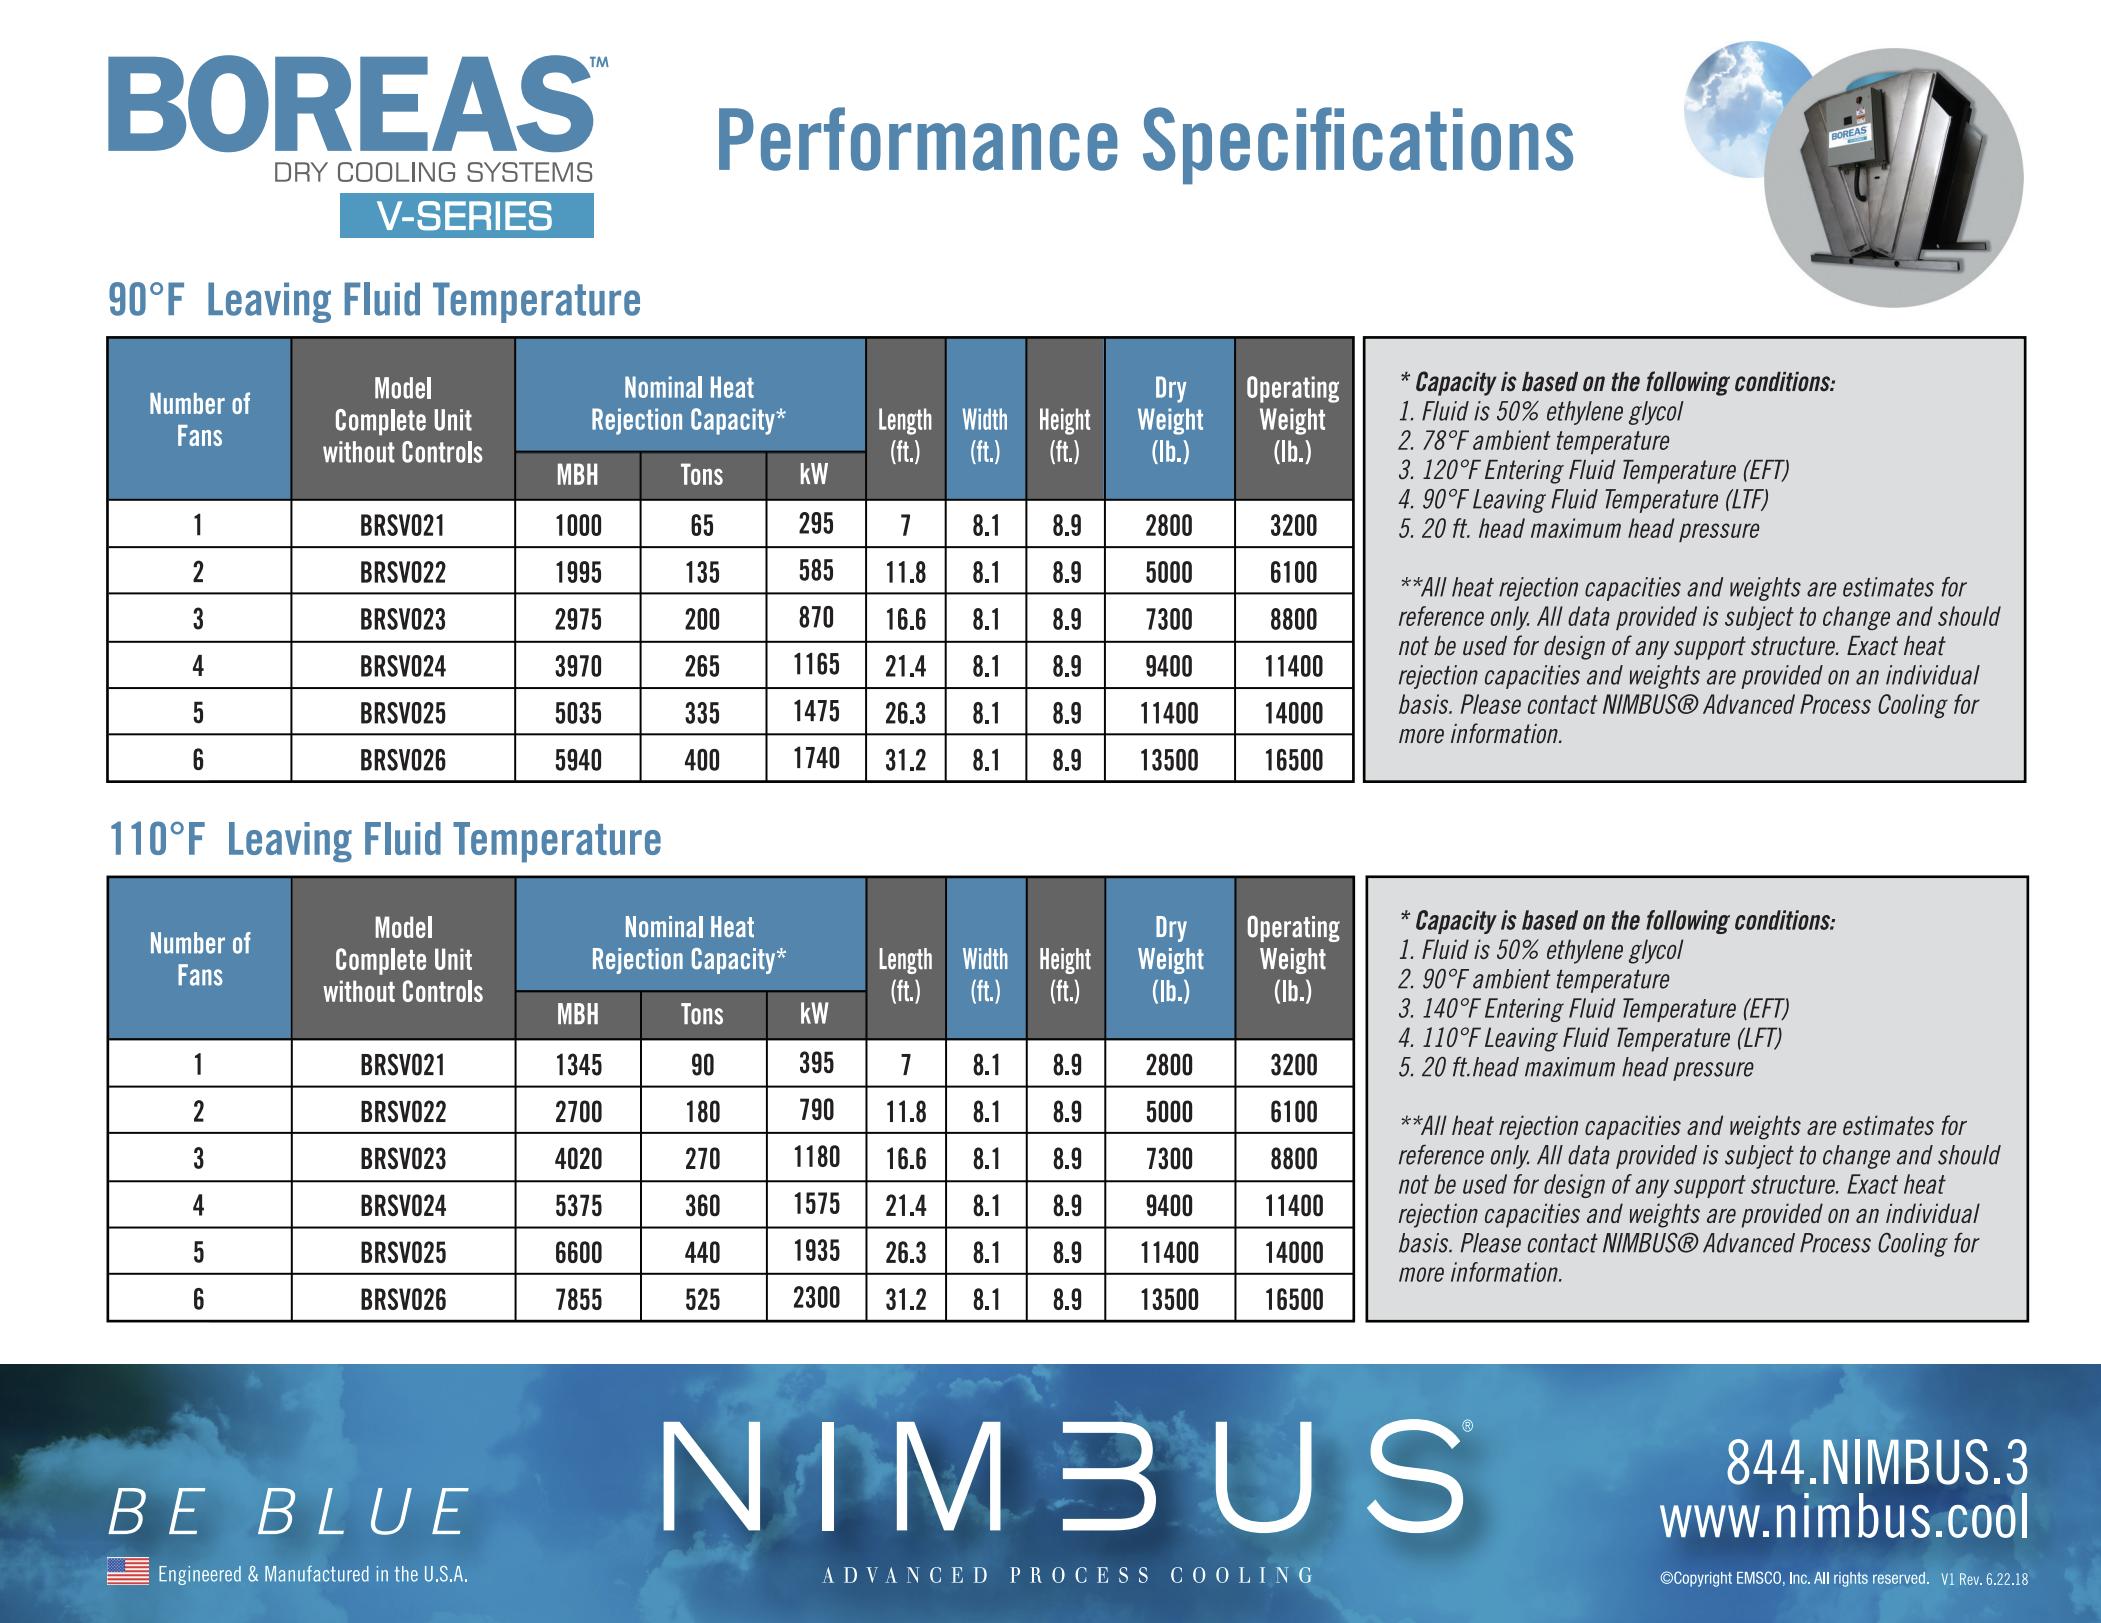 BOREAS V Specs Nimbus